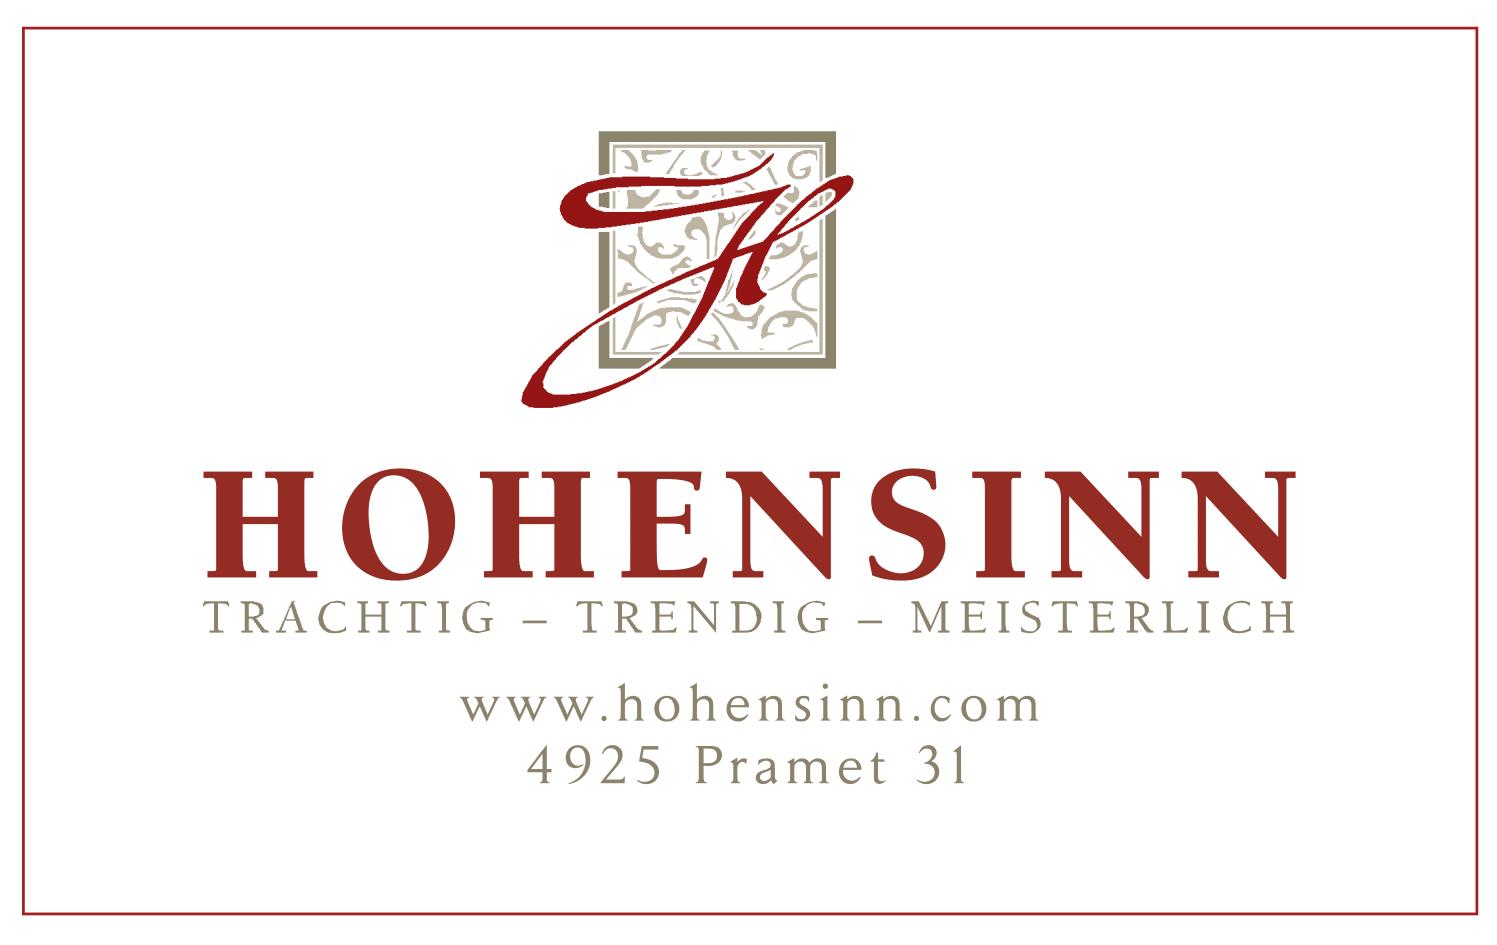 Hohensinn_gr_dicker-1